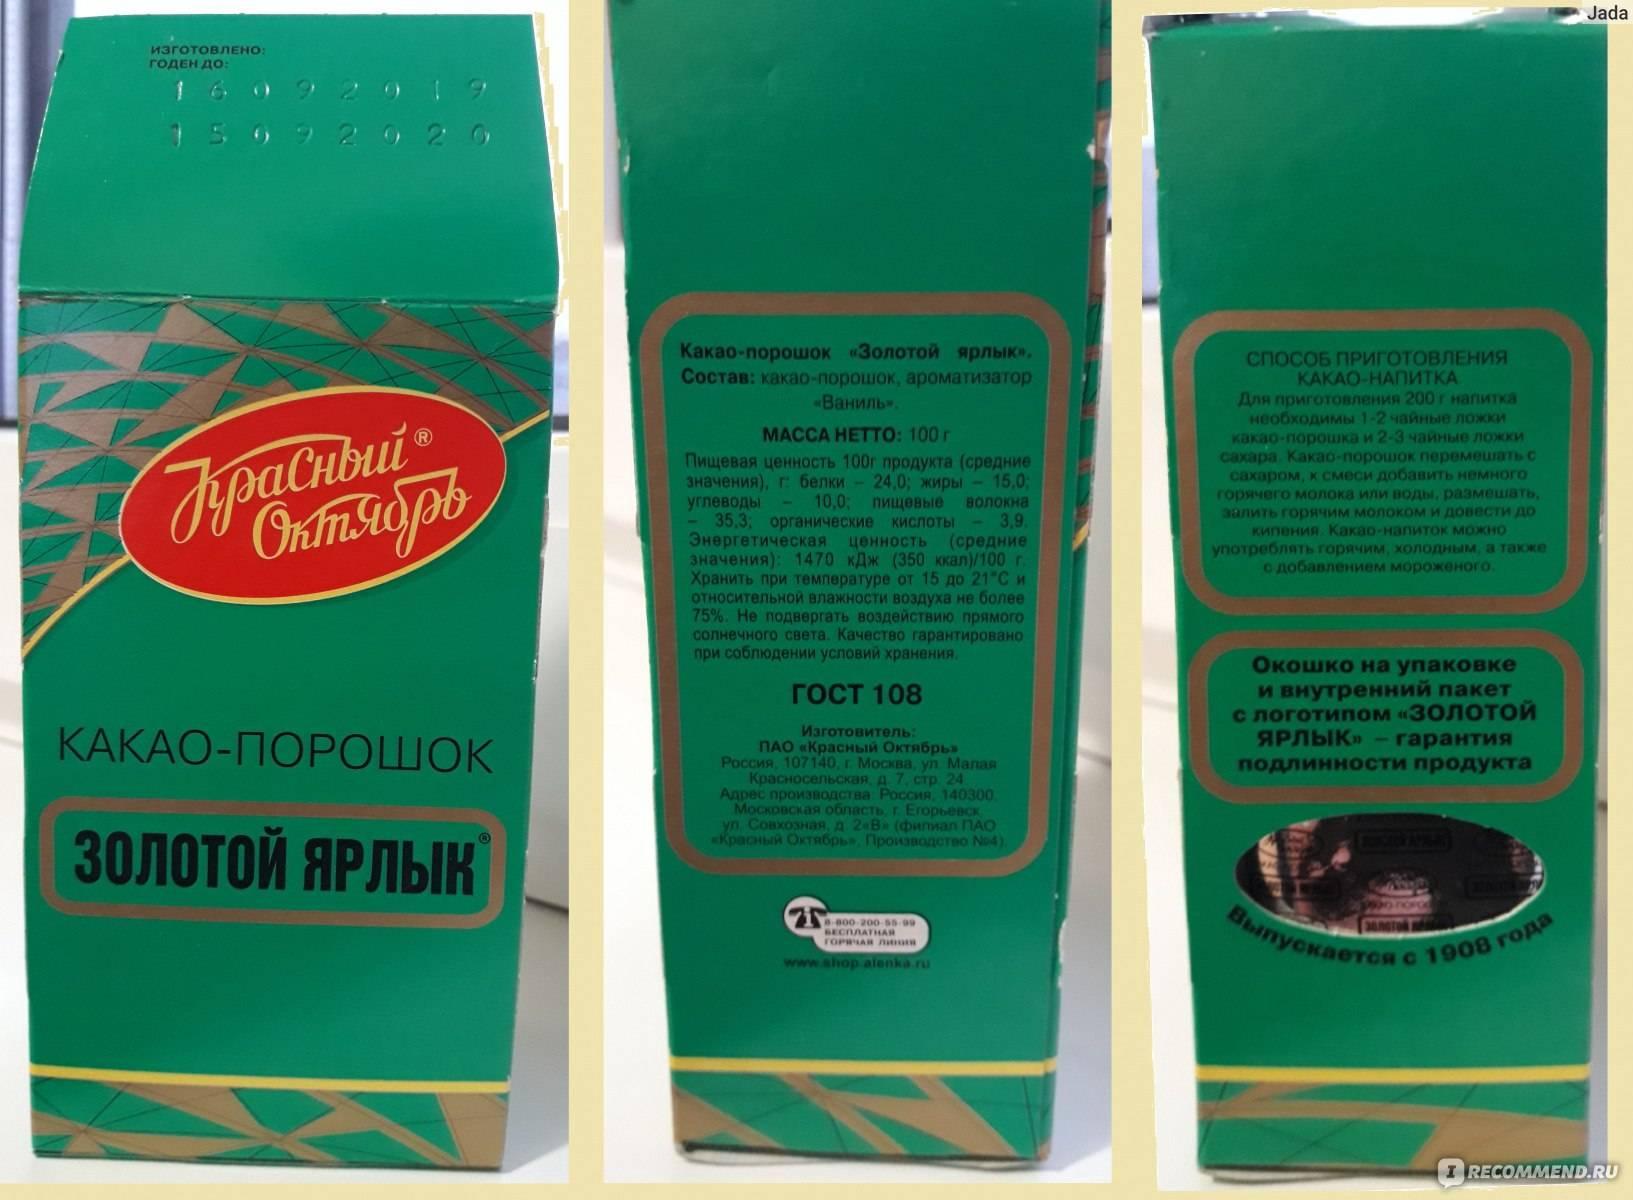 Ненастоящее и опасное какао 2021 года — 6 худших марок любимого напитка: обзор и вред для здоровья